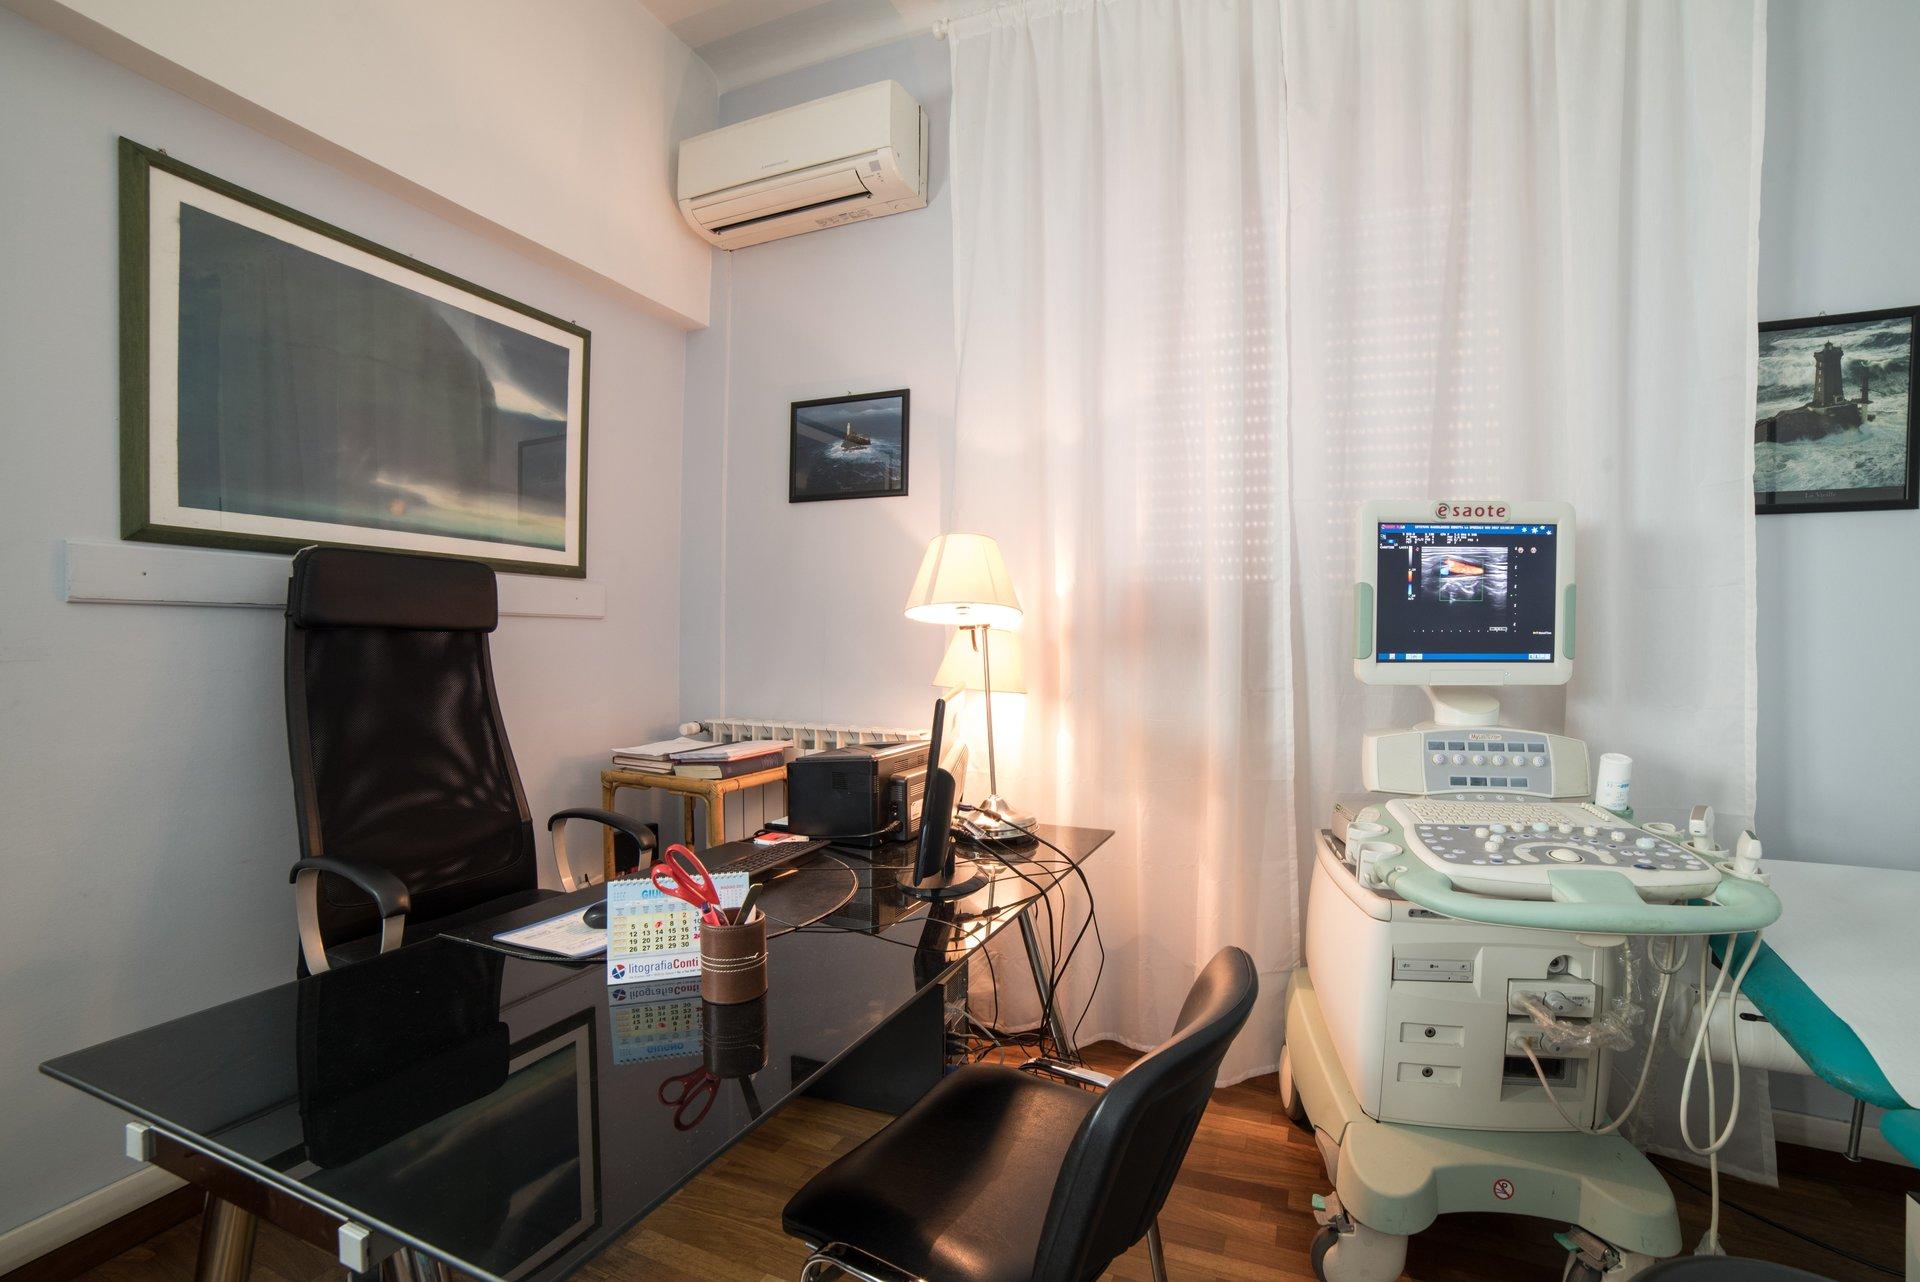 istituto radiologico beretta - studio per visite ed esami